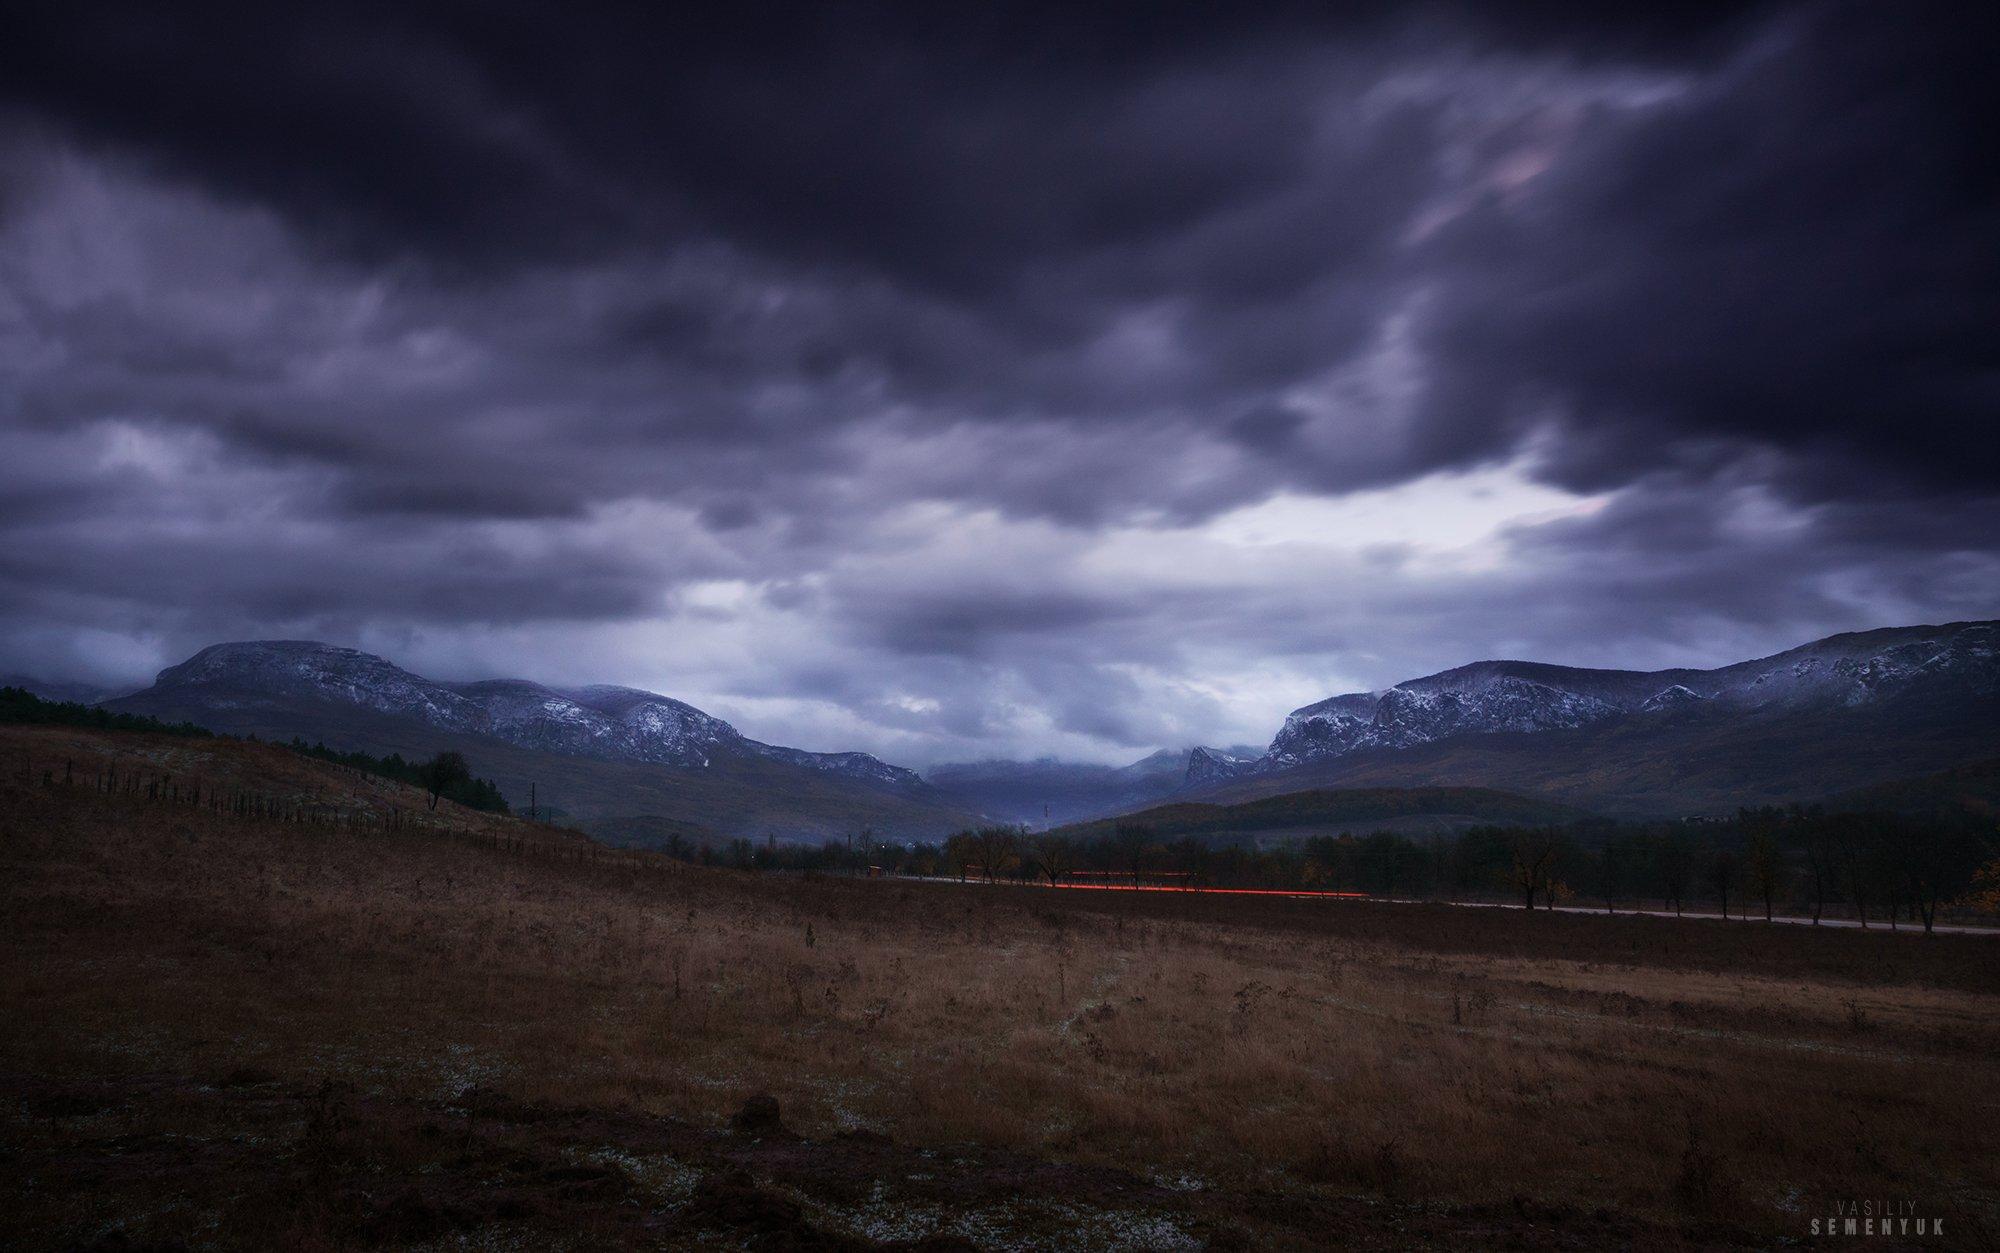 крым, зима, бойка, аромат, седам-кая, облачность, атмосфера, сумерки, снег., Семенюк Василий